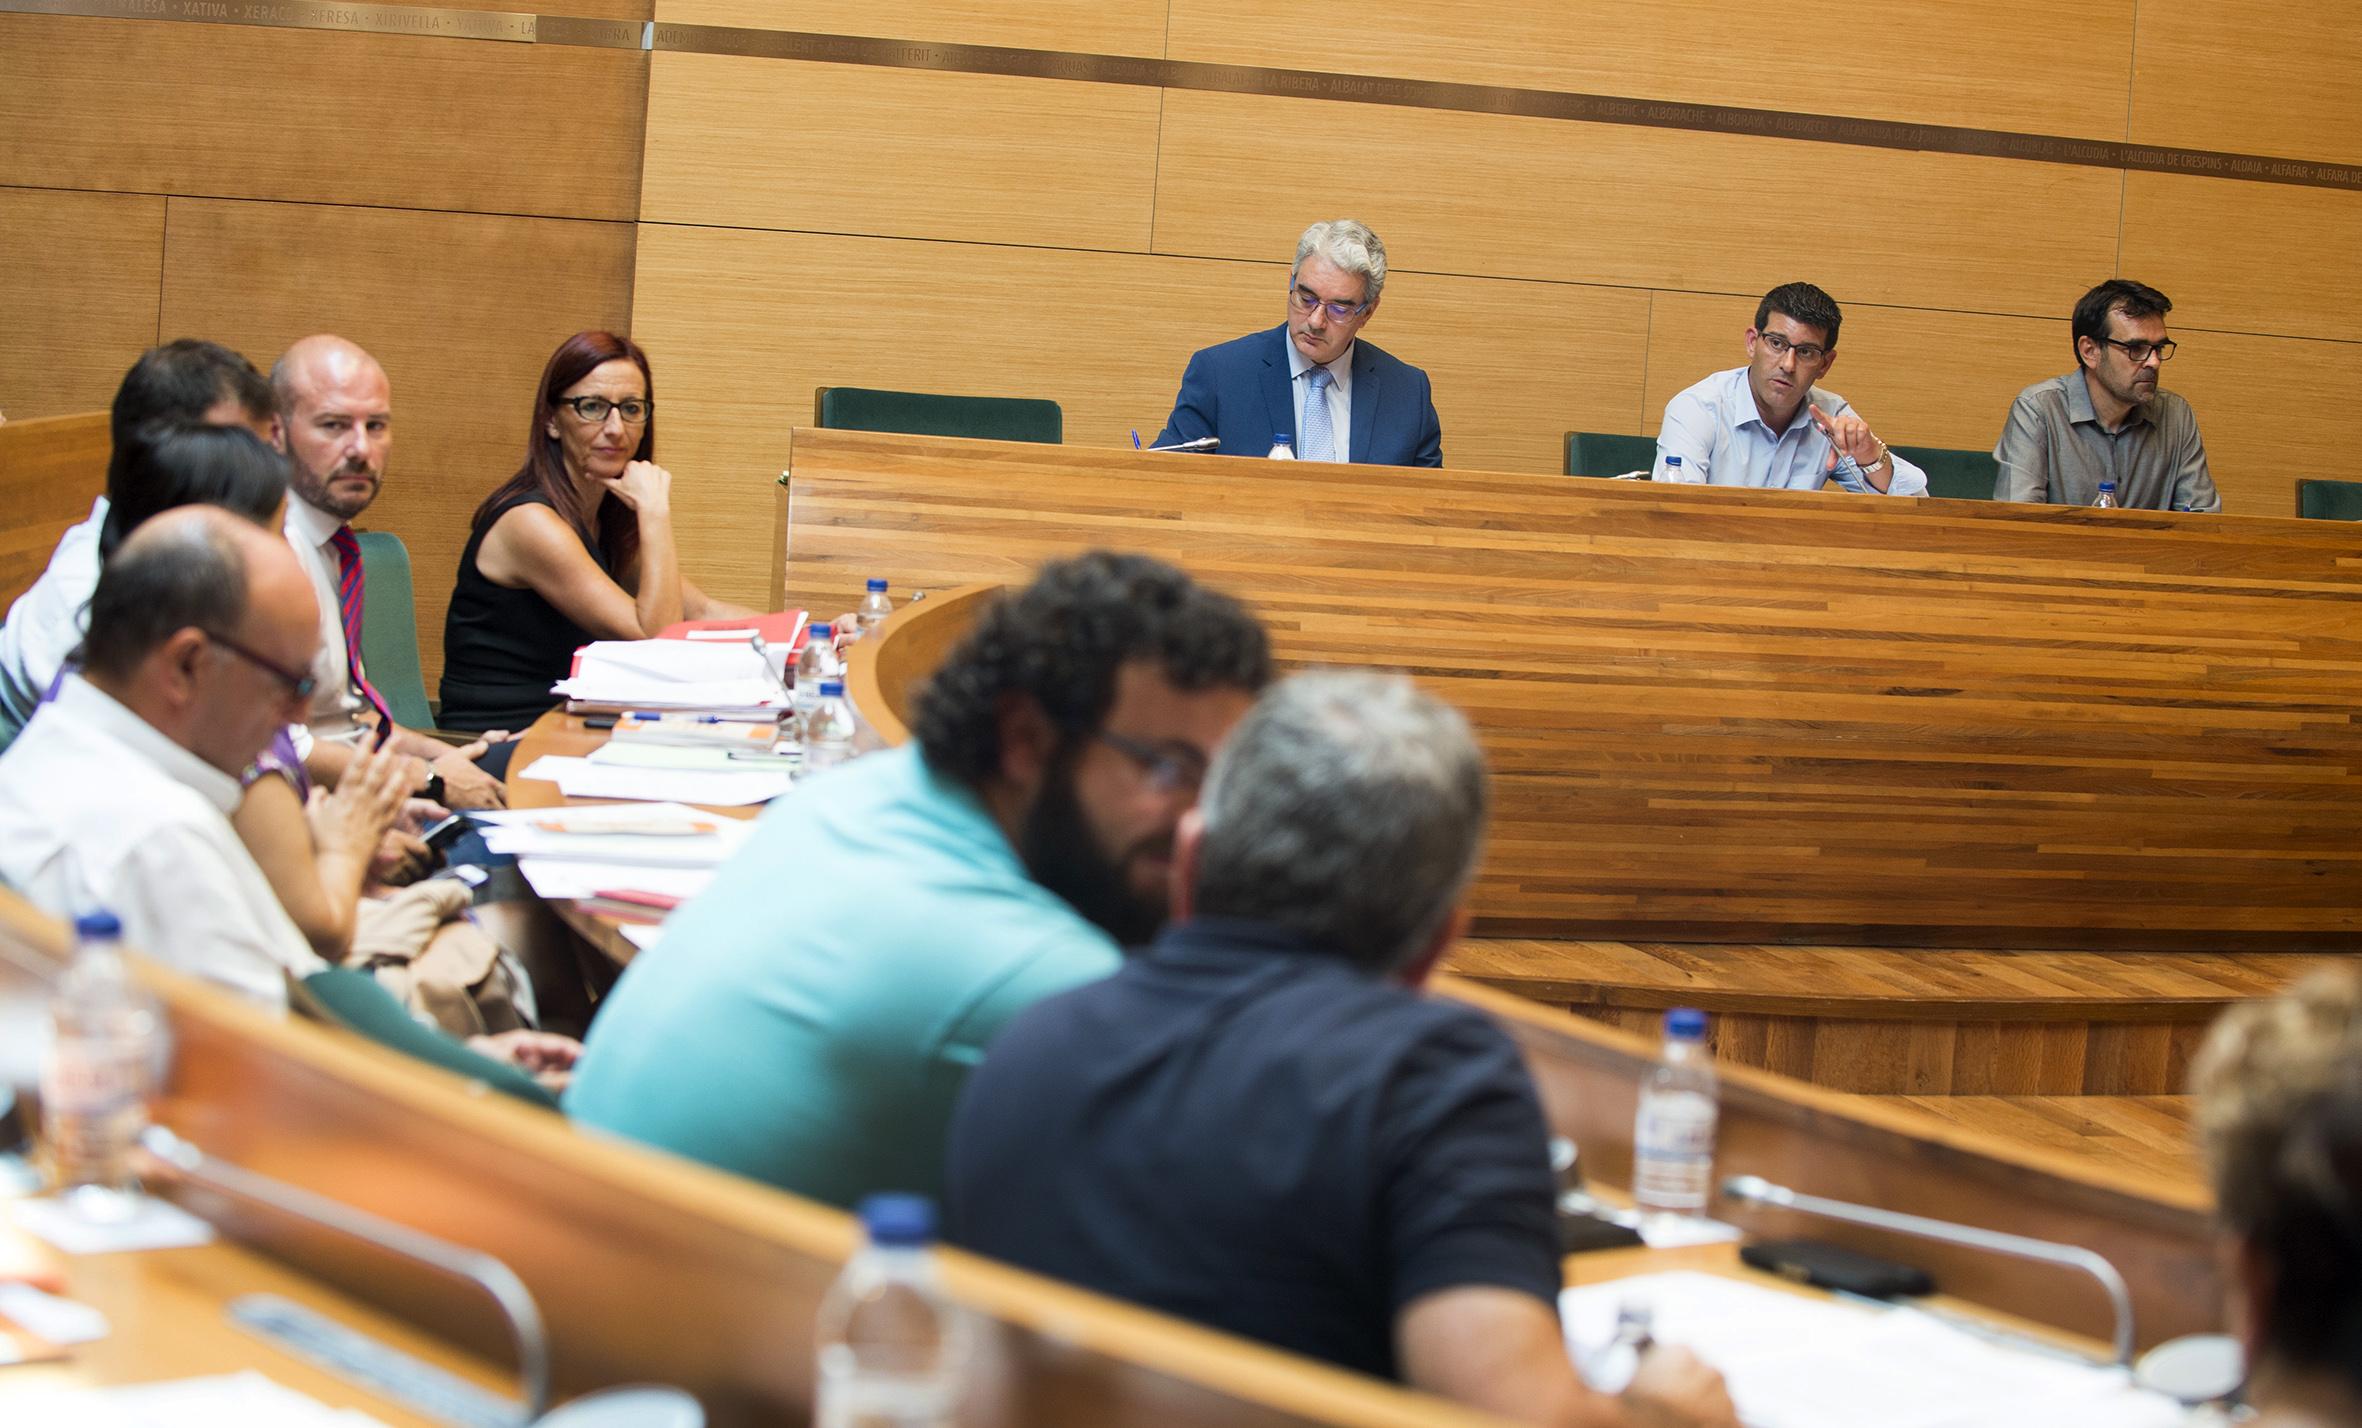 Los diputados y diputadas durante la celebración de la sesión plenaria.